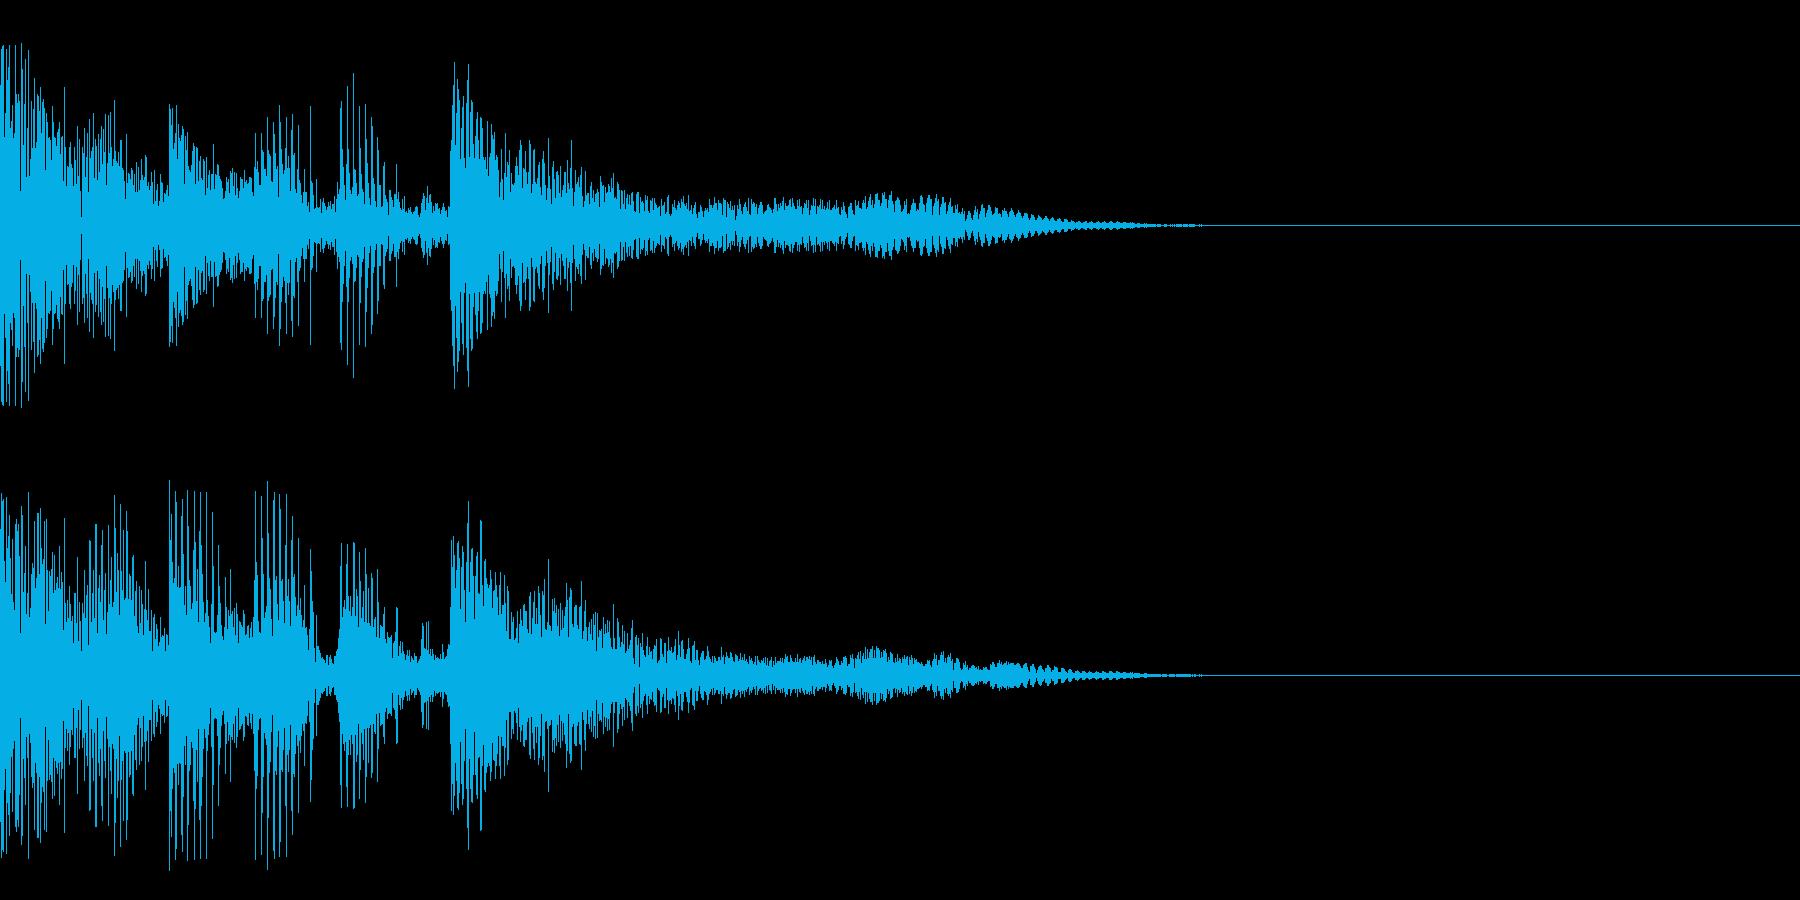 シーン移動などの再生済みの波形